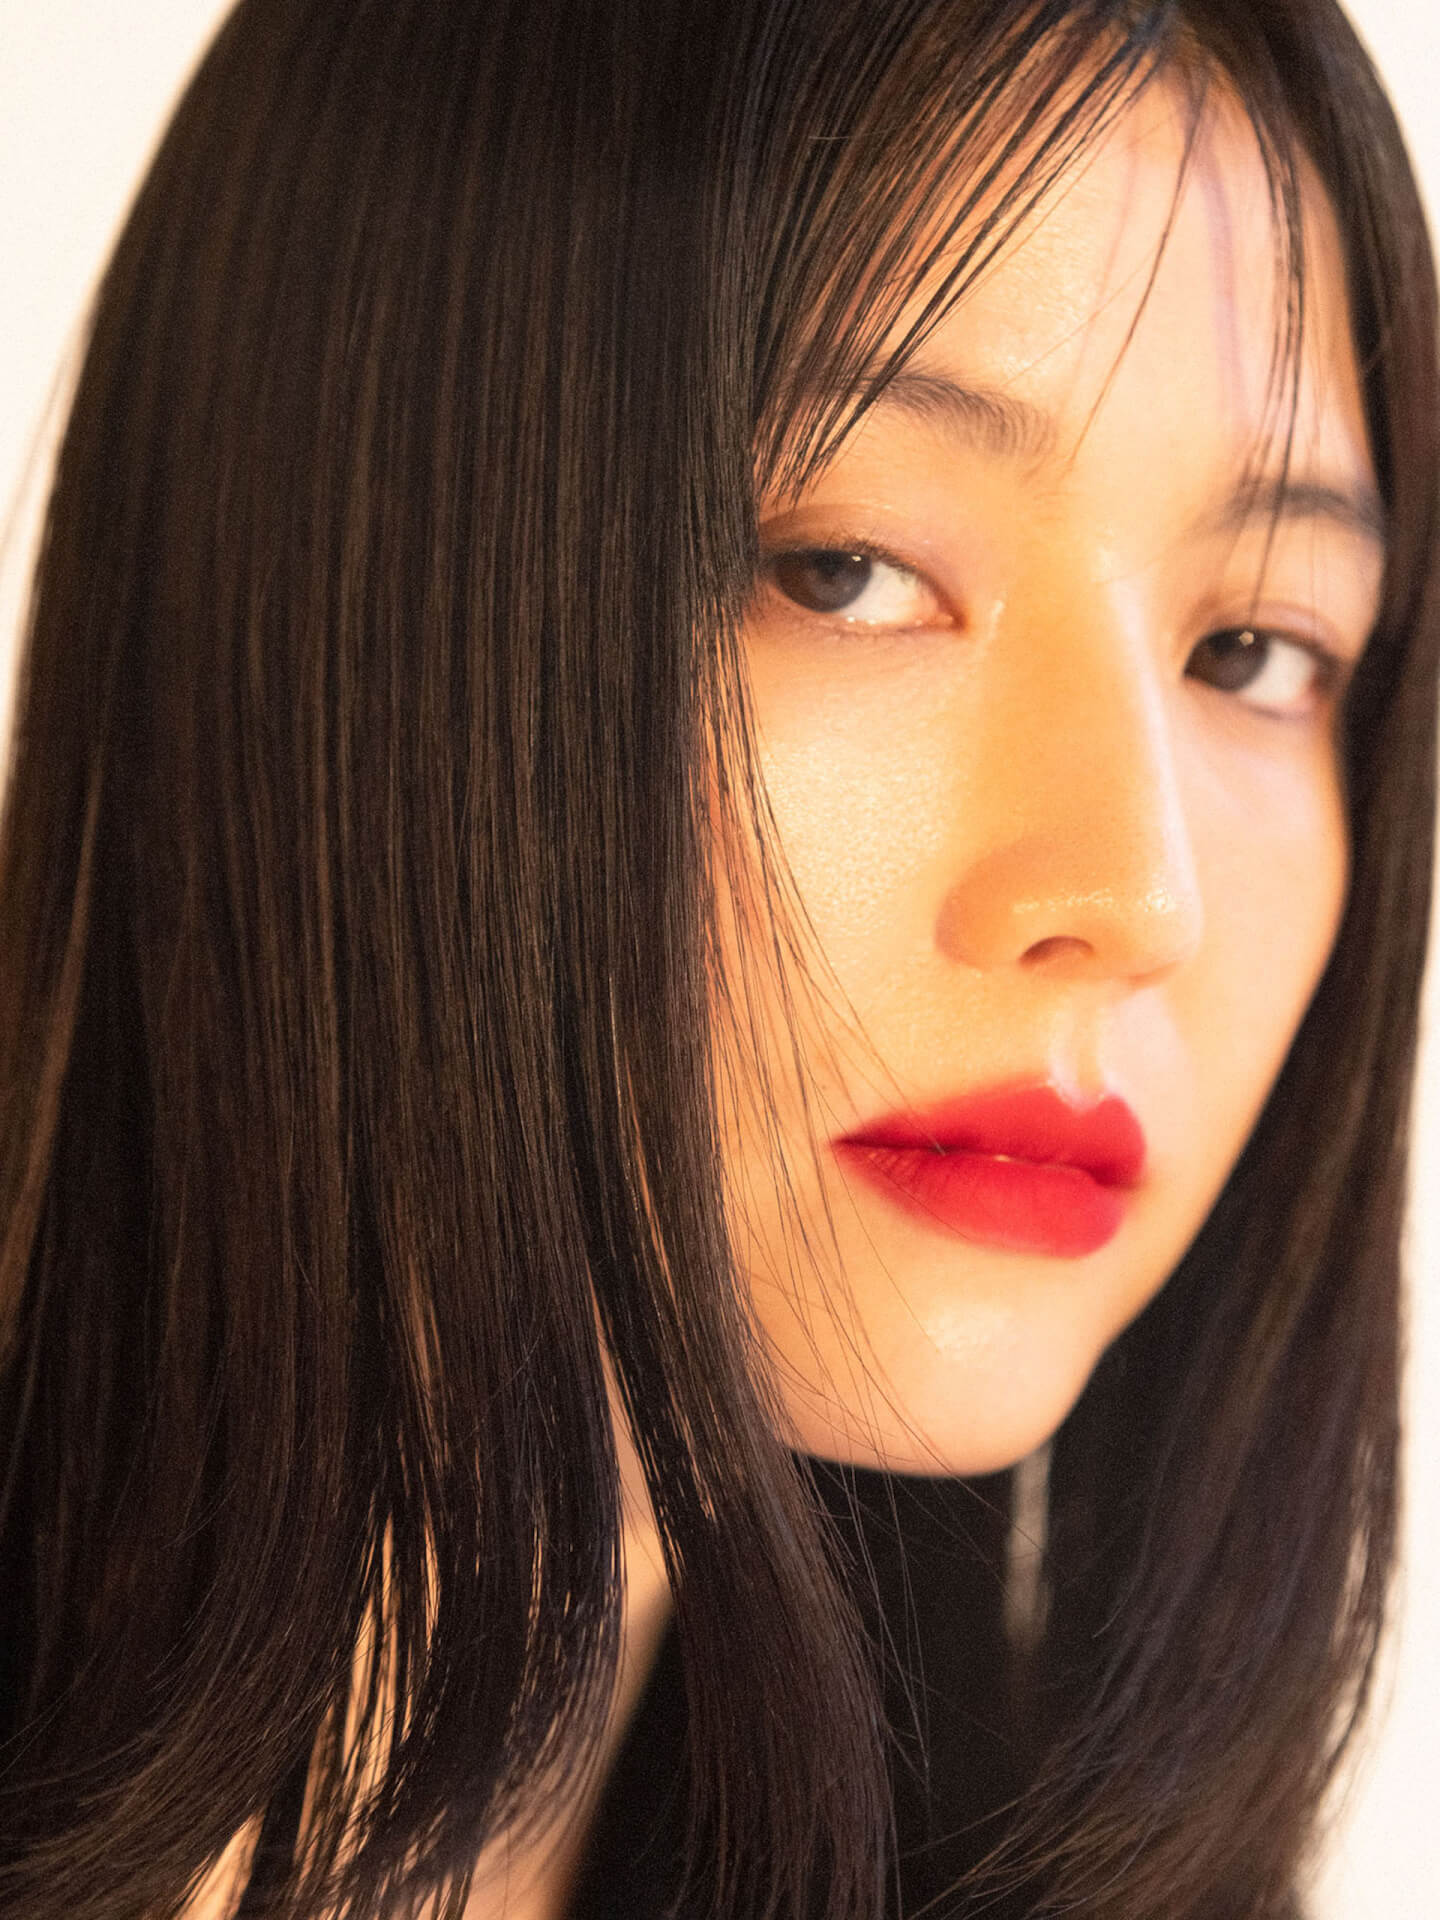 長澤まさみの妖麗な魅力が詰まった写真集『ビューティフルマインド』が発売前に重版決定!累計3万部を突破 art210805_nagasawamasami_4